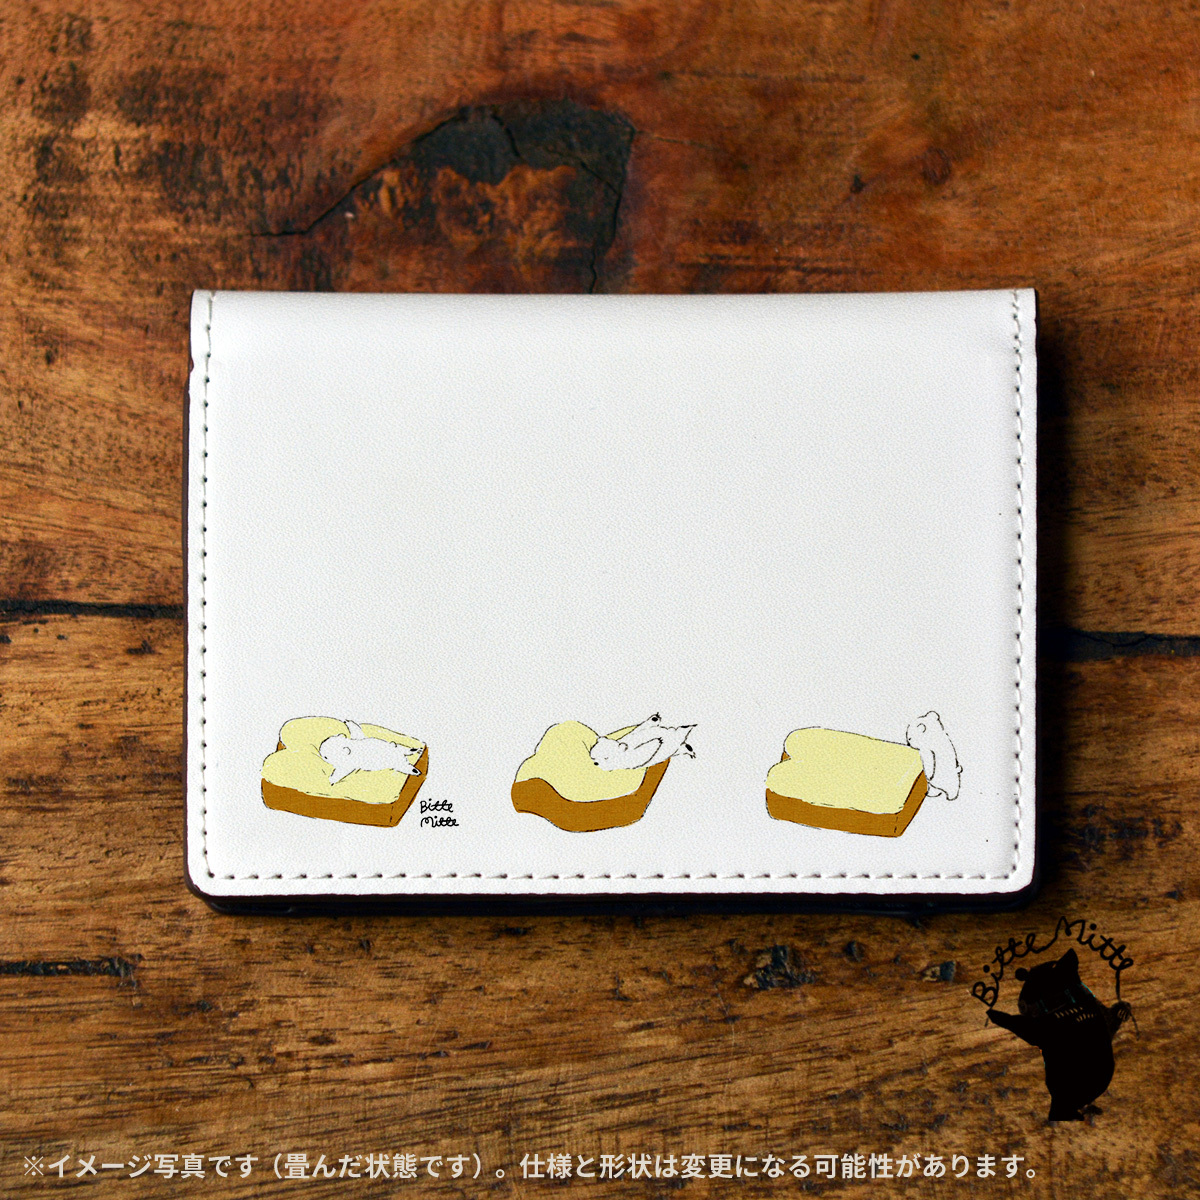 パスケース かわいい カードケース かわいい 名刺入れ かわいい おしゃれ パン しろくま もっとLOVEBREAD/Bitte Mitte!